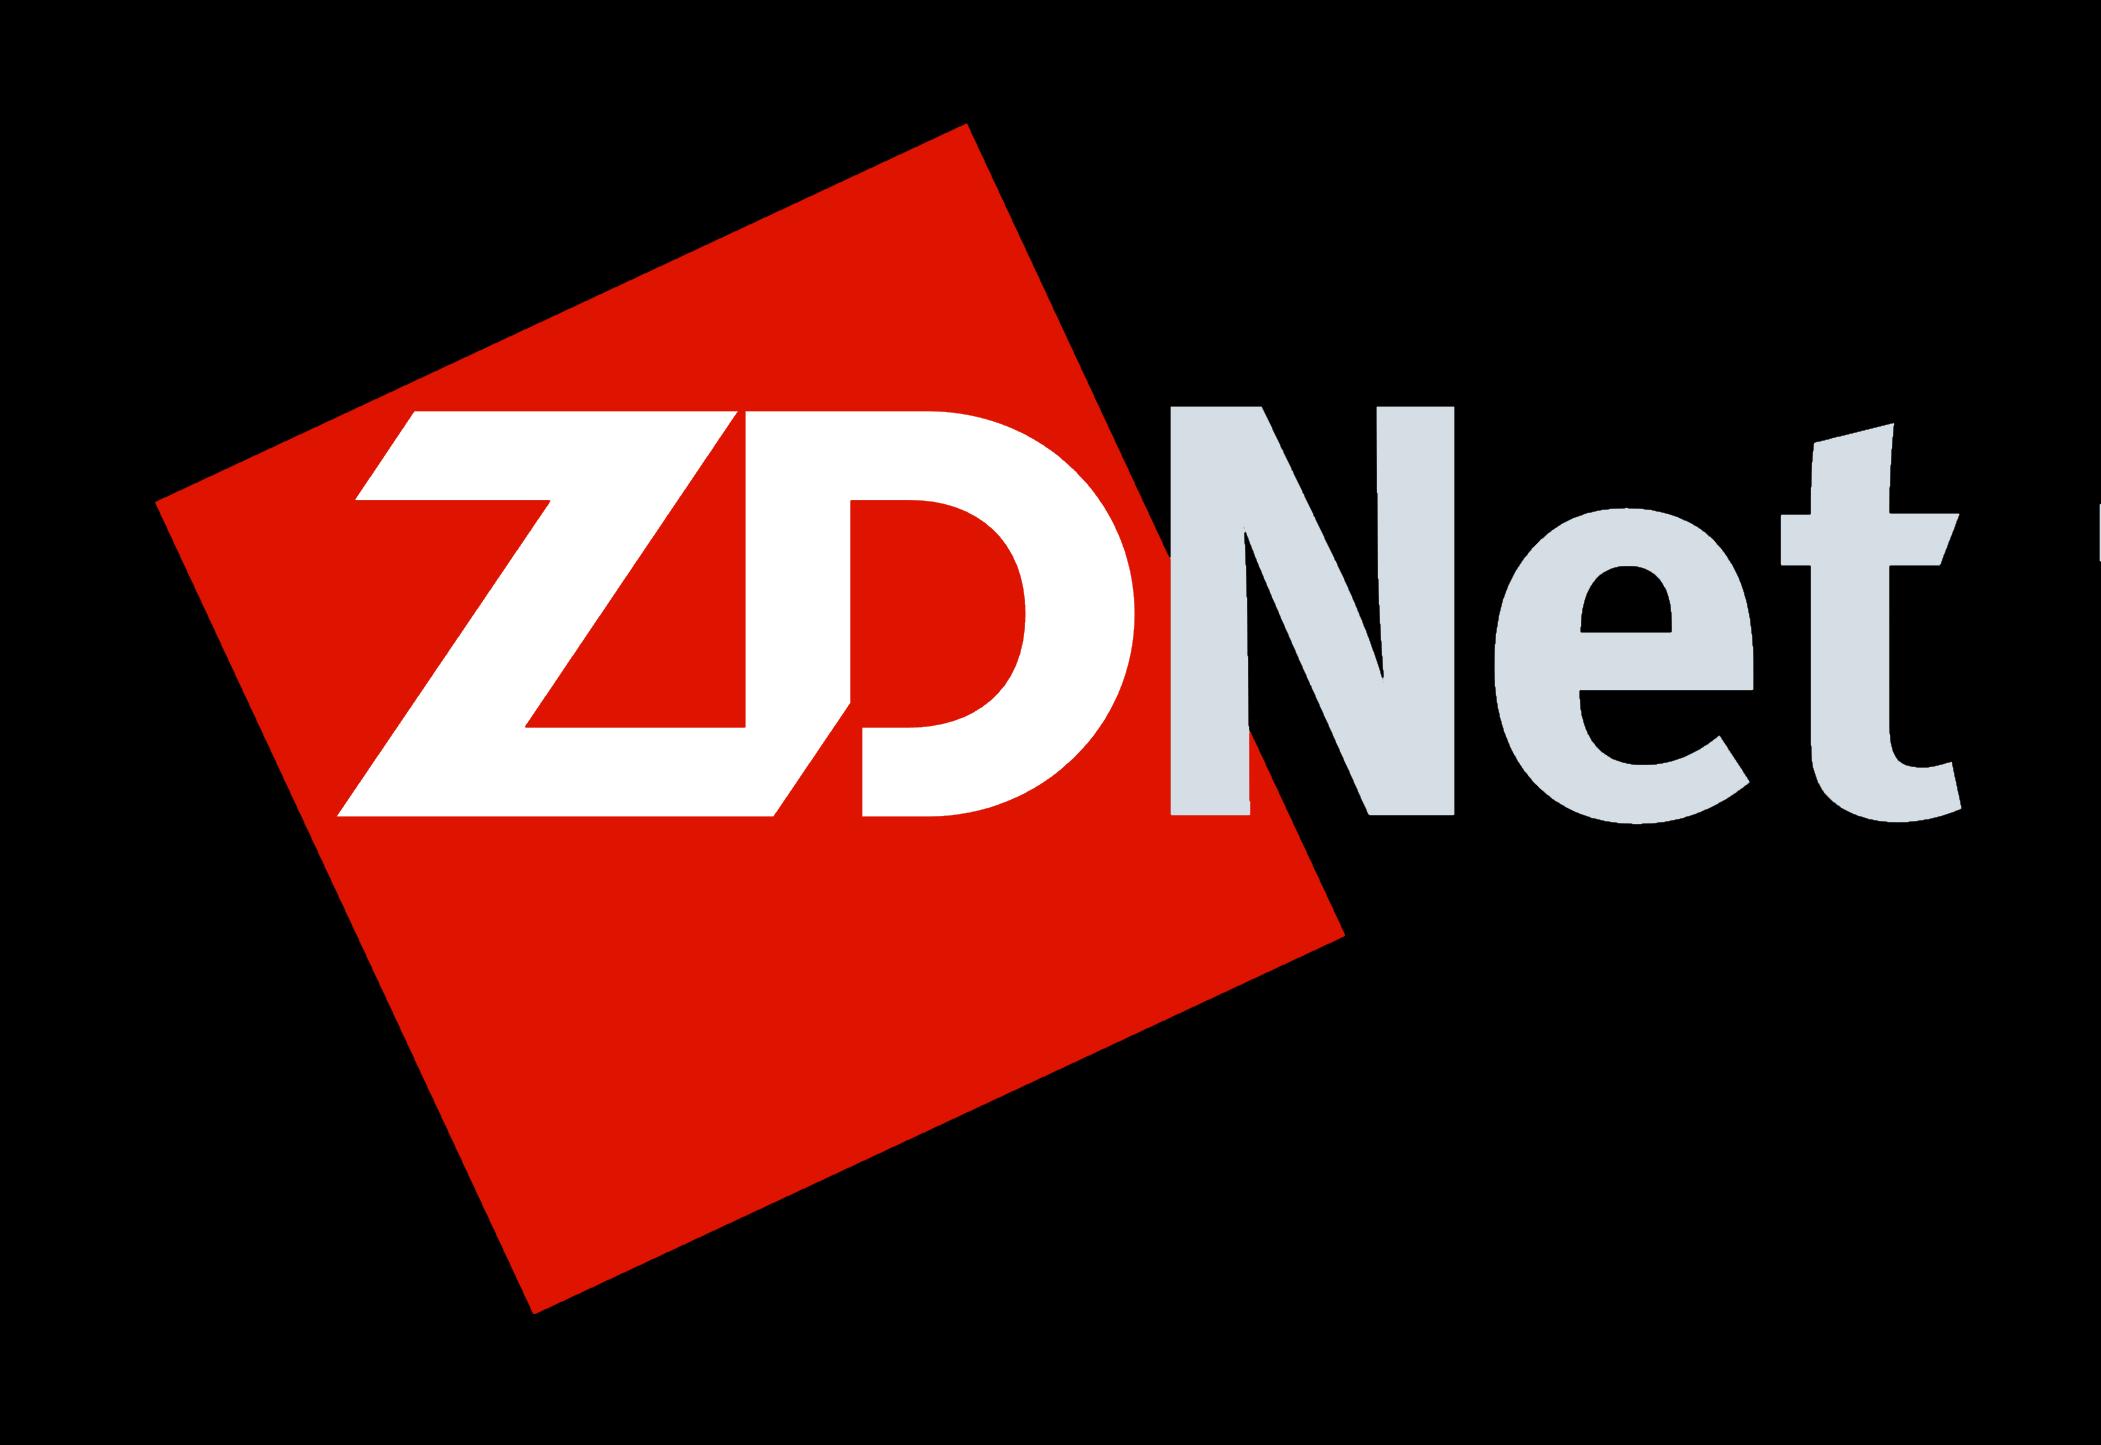 ZDNet_logo_logotype